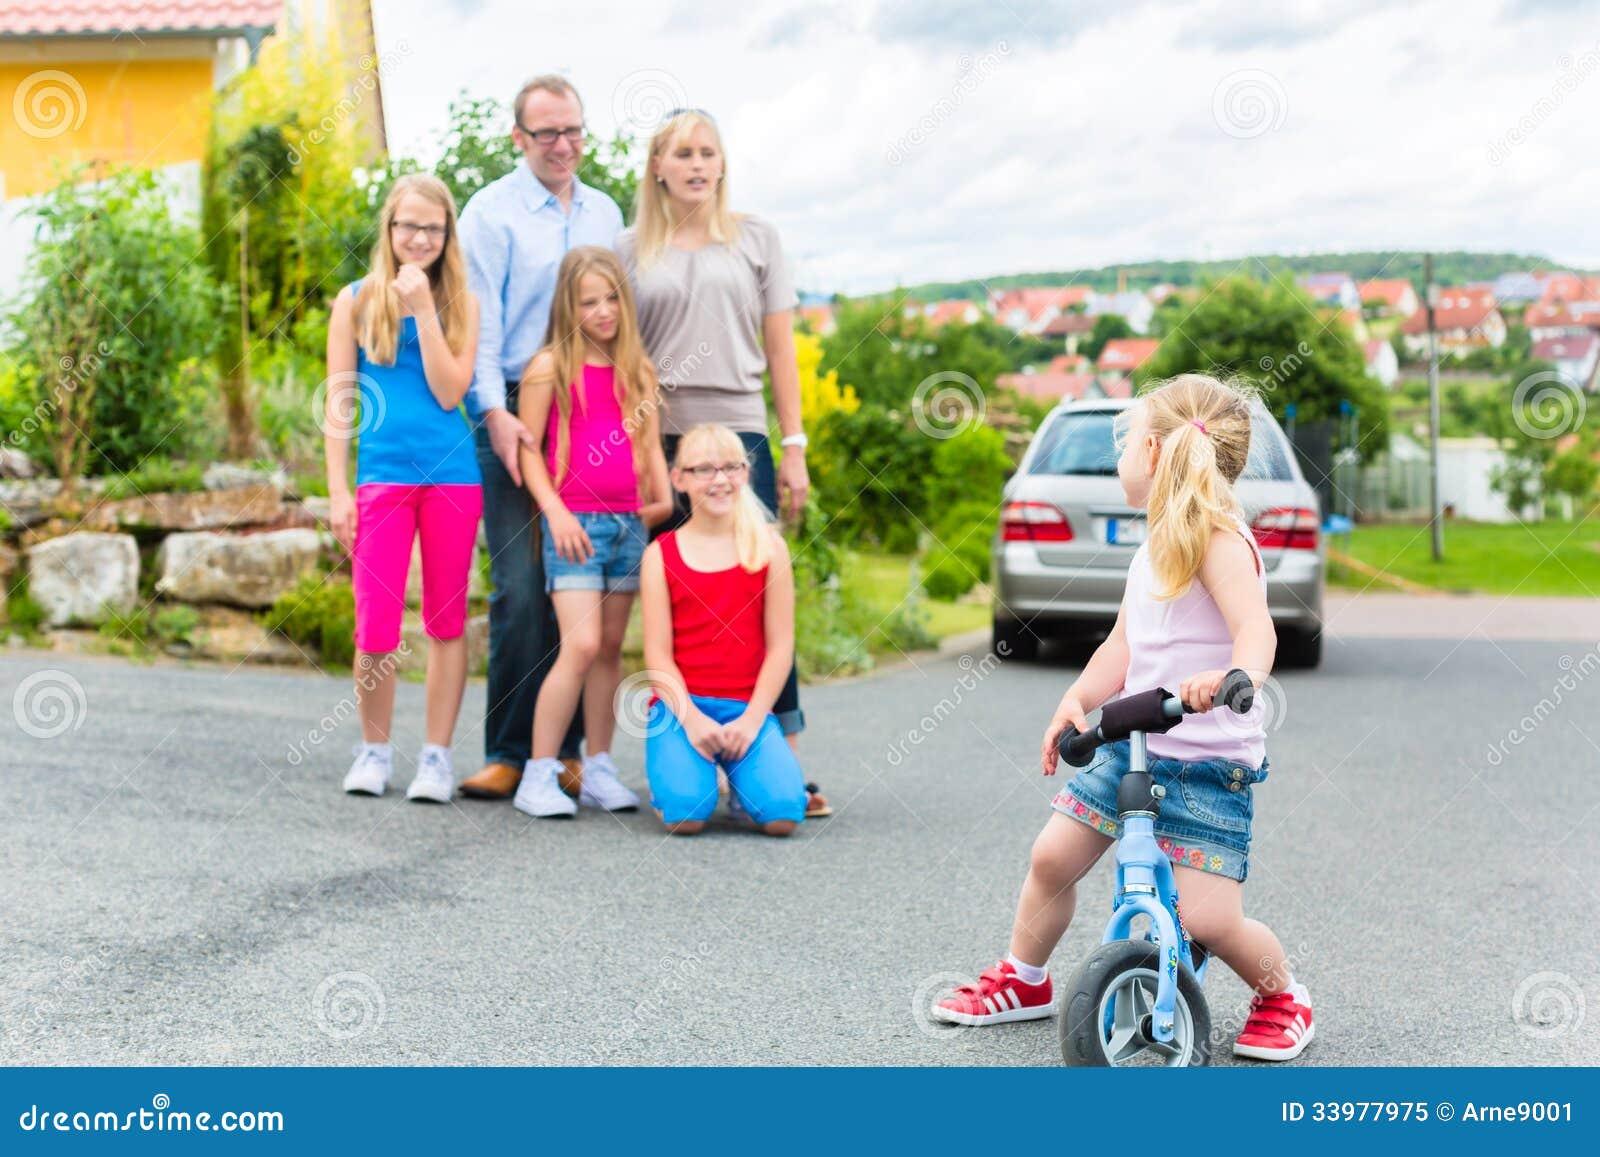 famille heureuse devant leur maison photo libre de droits image 33977975. Black Bedroom Furniture Sets. Home Design Ideas